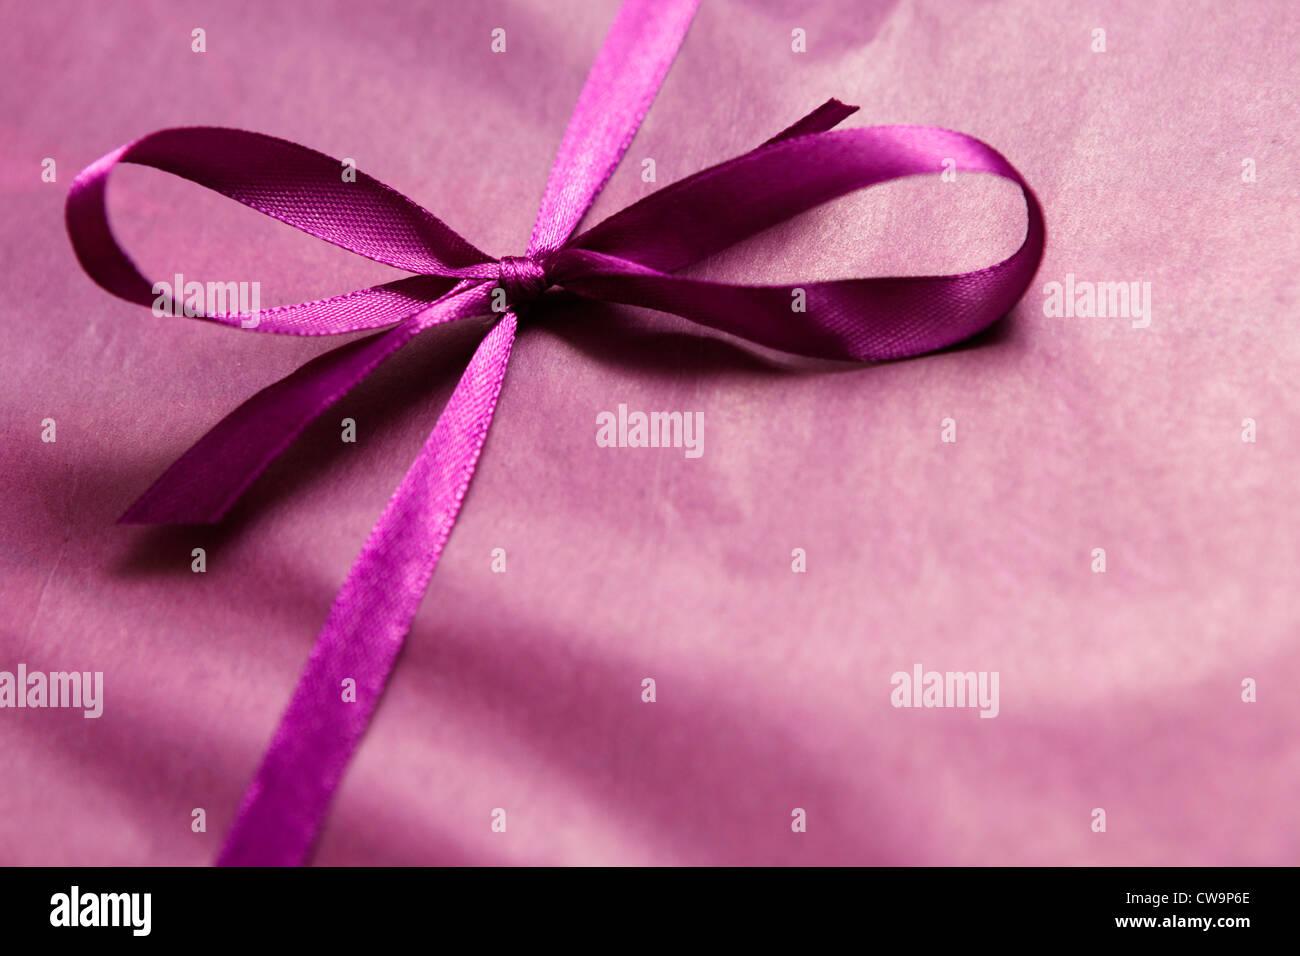 Un cadeau enveloppé dans du papier de soie pourpre et satiné Photo Stock